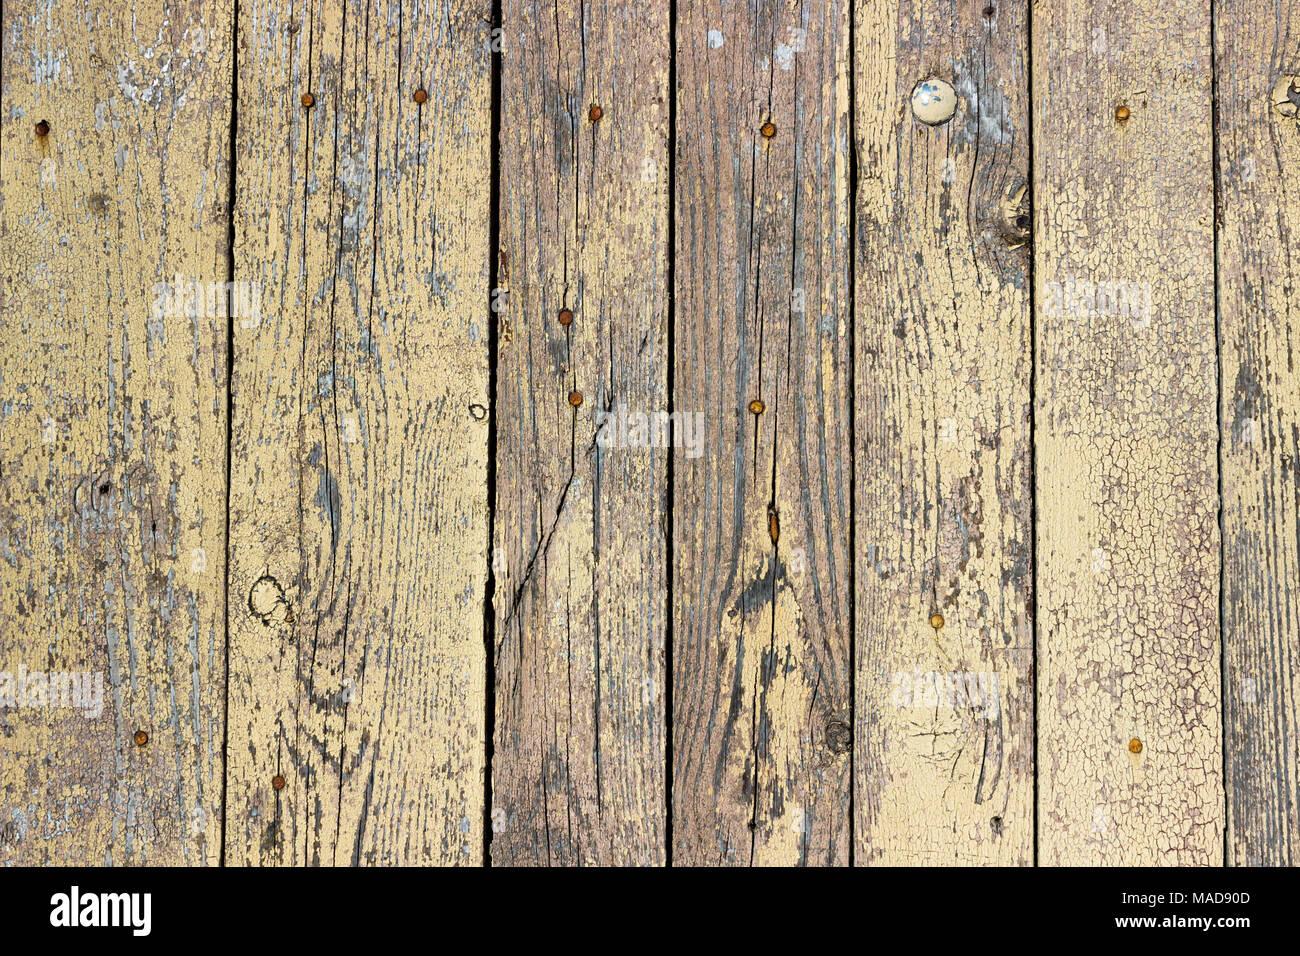 Colori Vernici Legno : Sfondo di assi di legno con una mostarda incrinato di vernice di